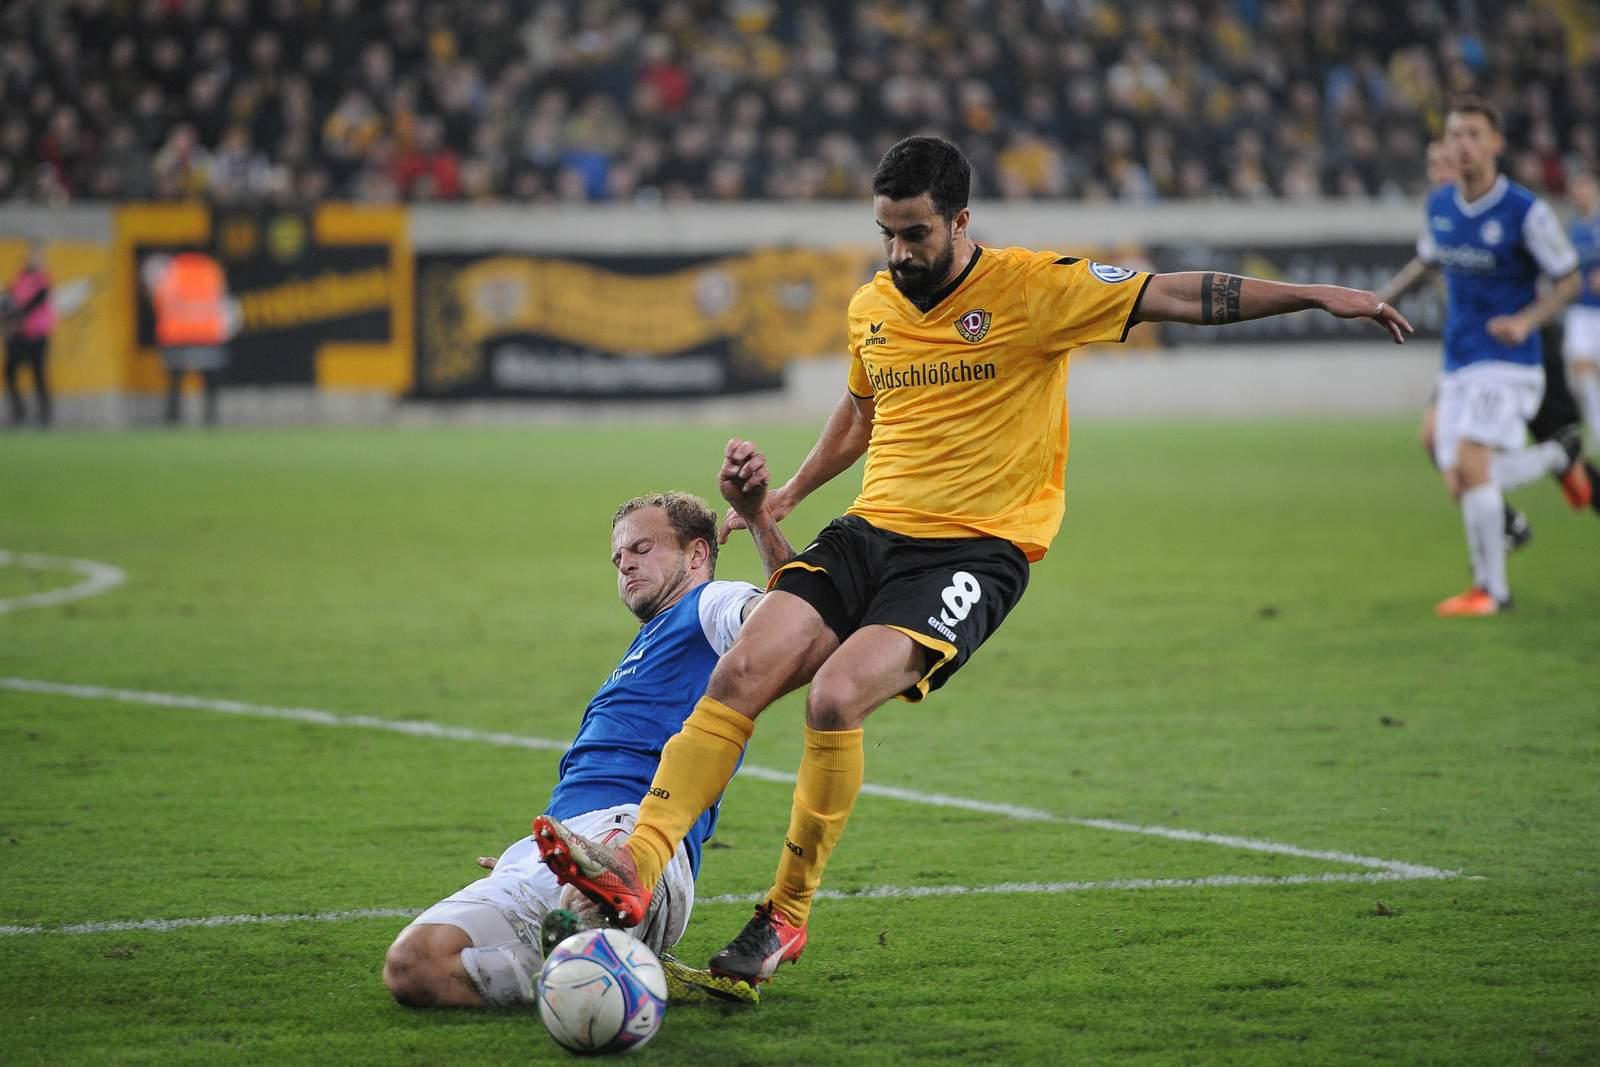 Zweikampf zwischen Hemlein und Teixeira